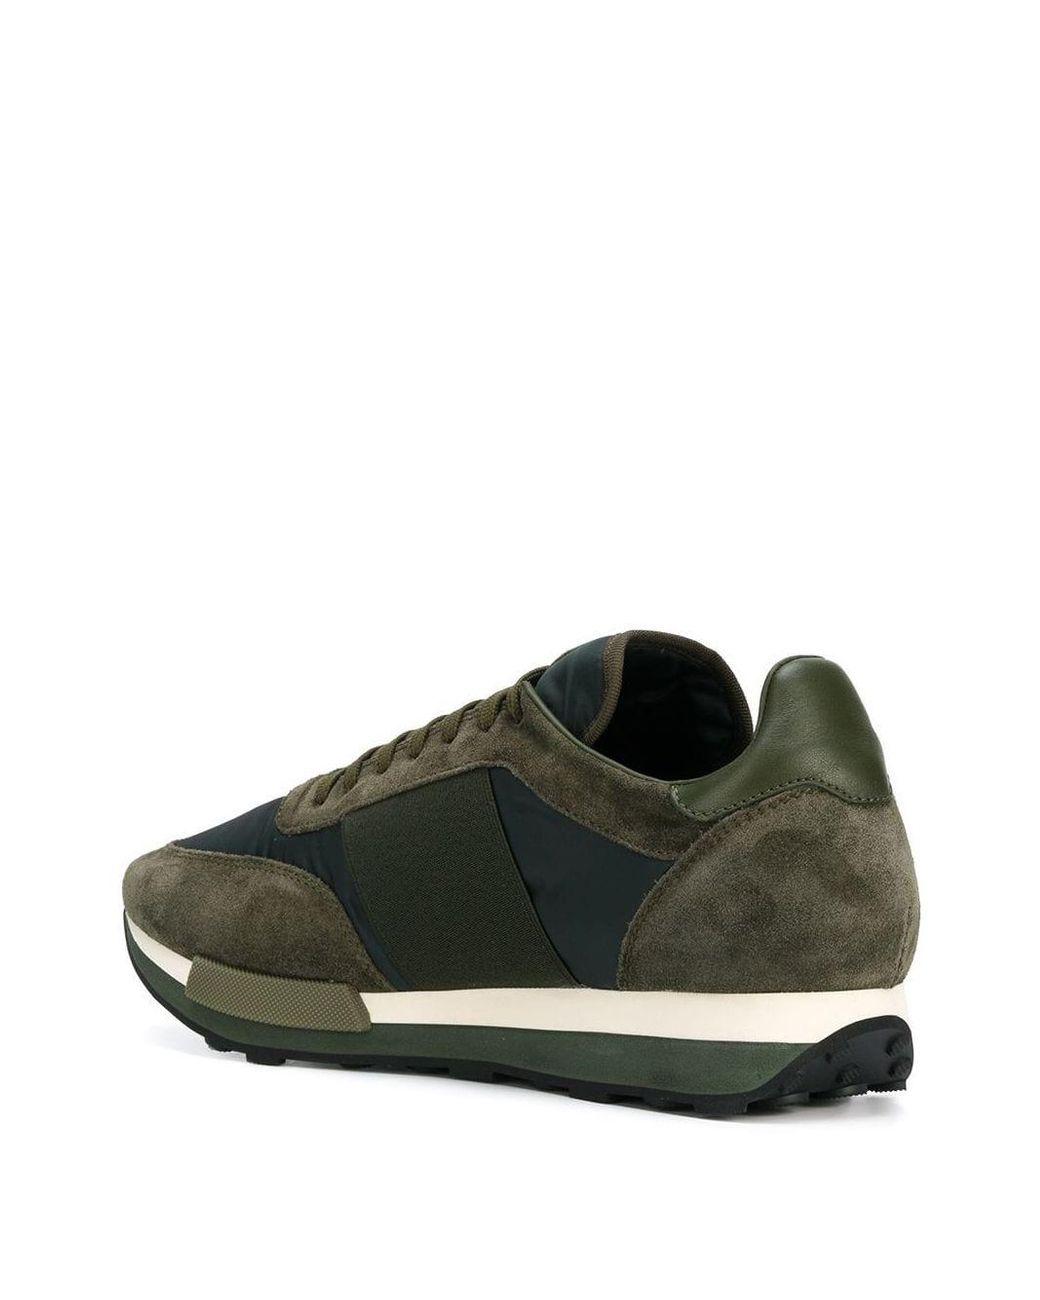 Moncler Wildleder 'Horace' Sneakers in Grün für Herren Lyst